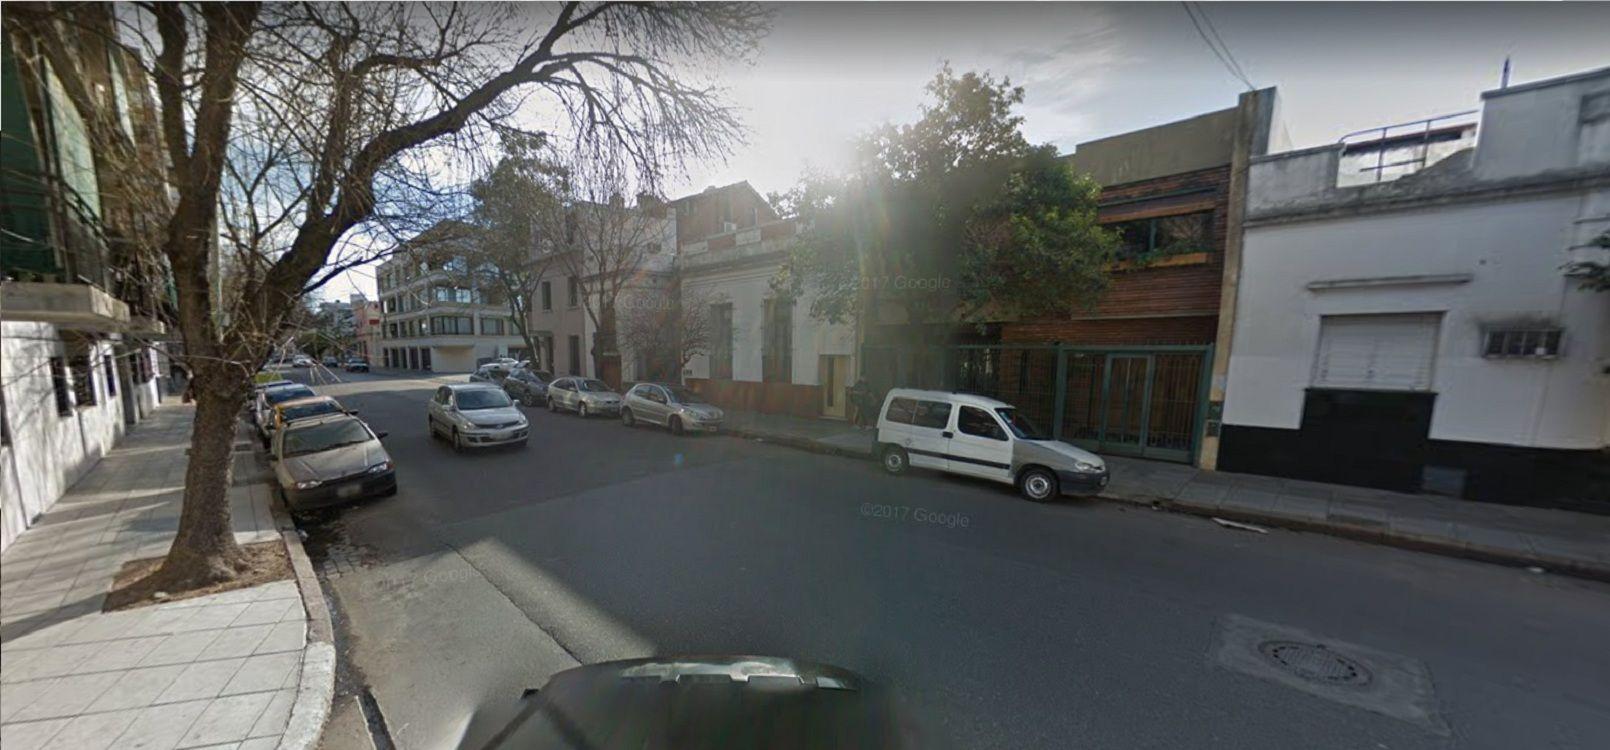 Abrió la puerta de su casa en Caballito y lo asesinaron: investigan un ajuste de cuentas